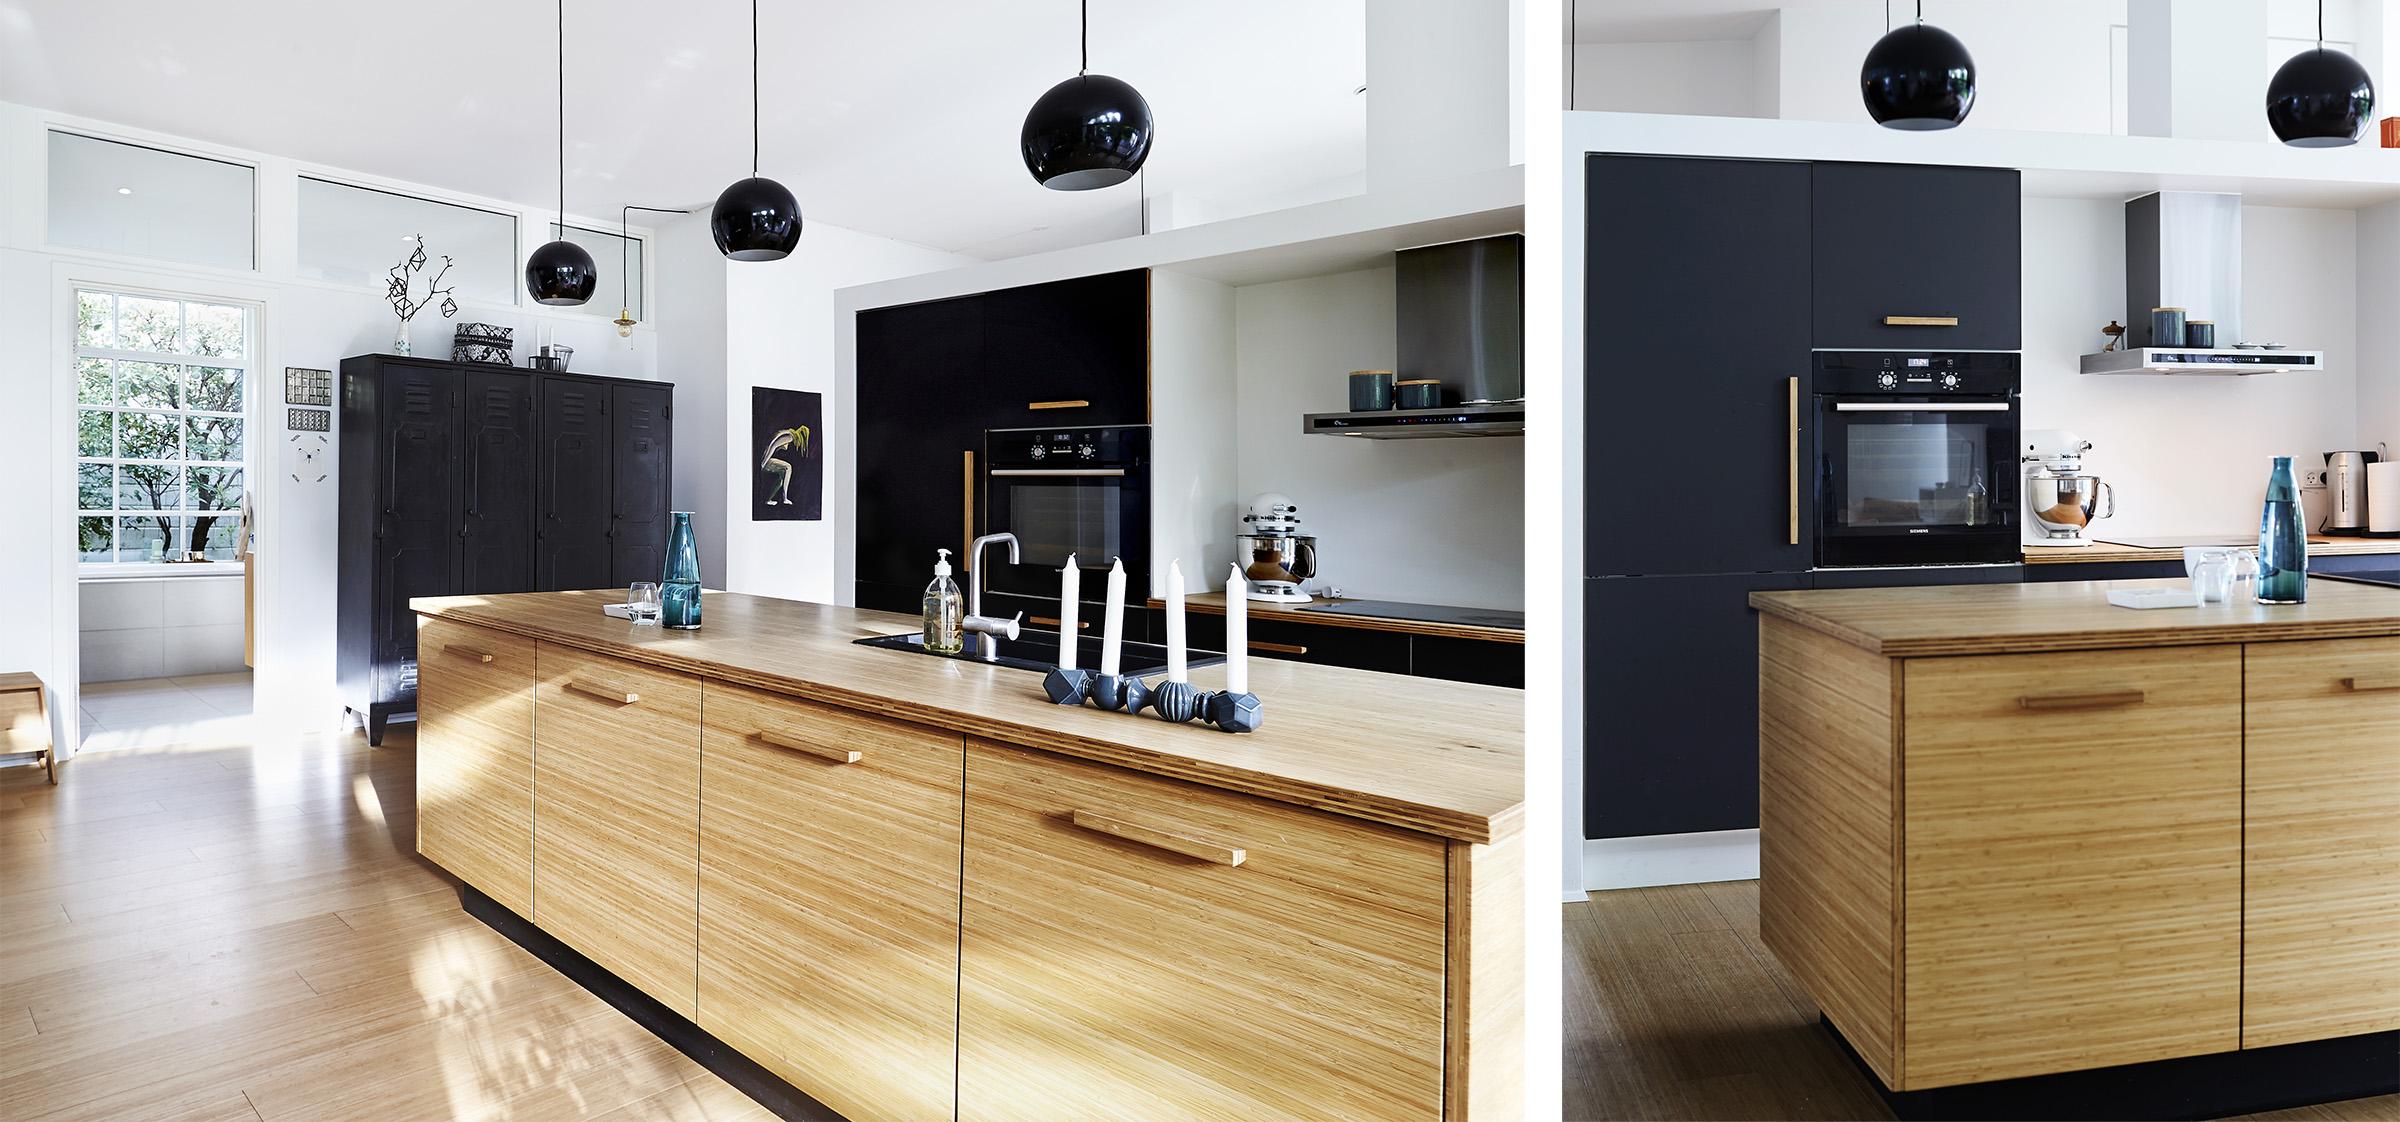 5 fantastiske køkkener - Danske Boligarkitekter